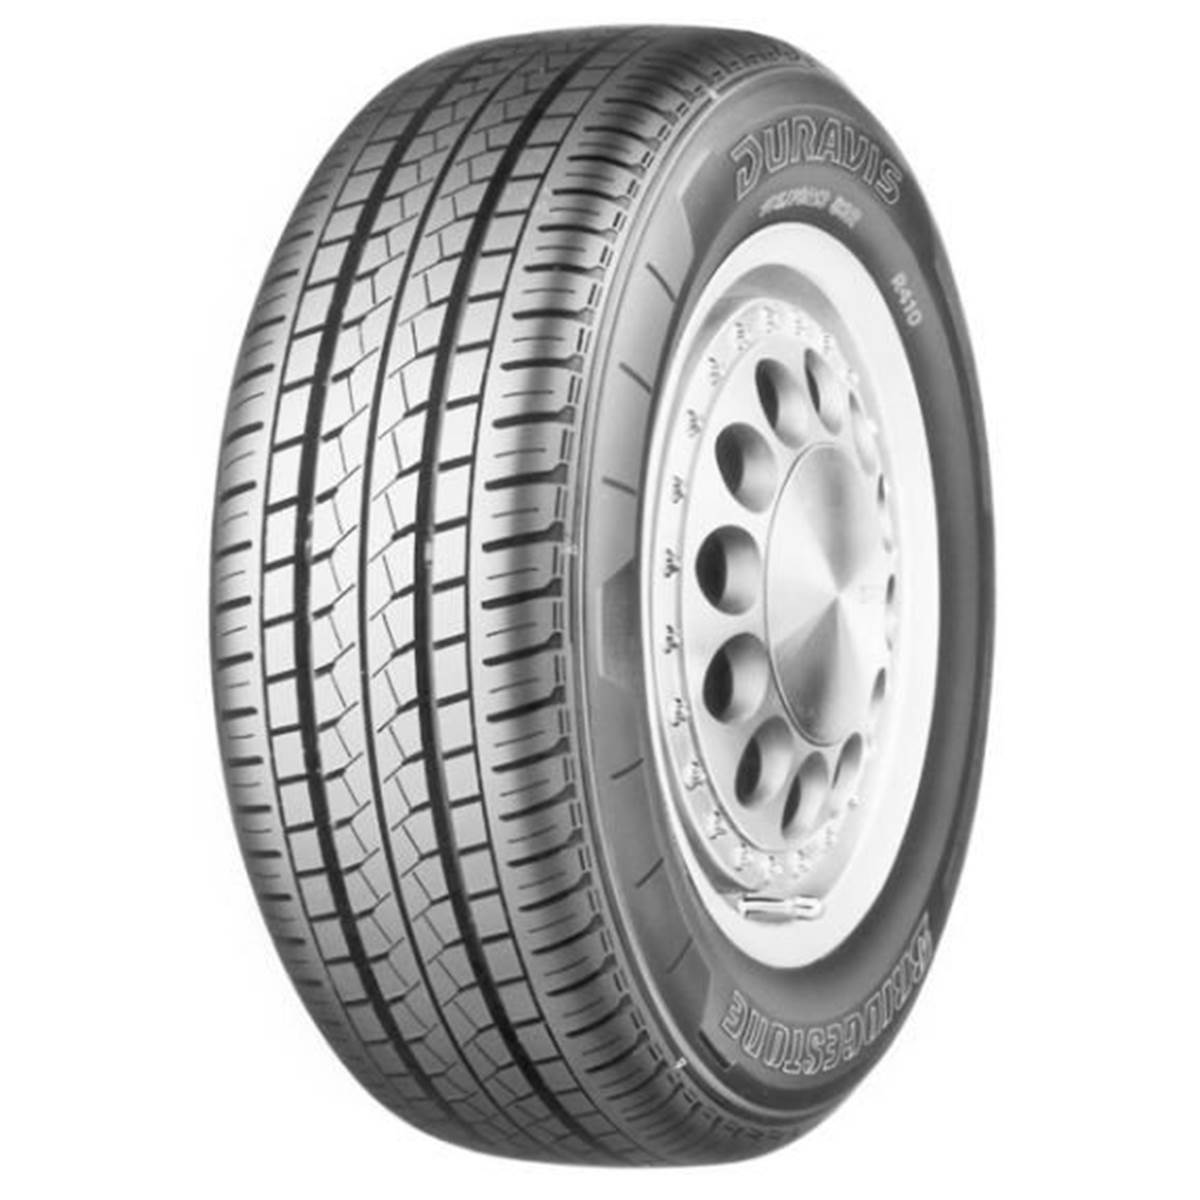 Pneu Bridgestone 205/65X16 103 T DURAVIS R410